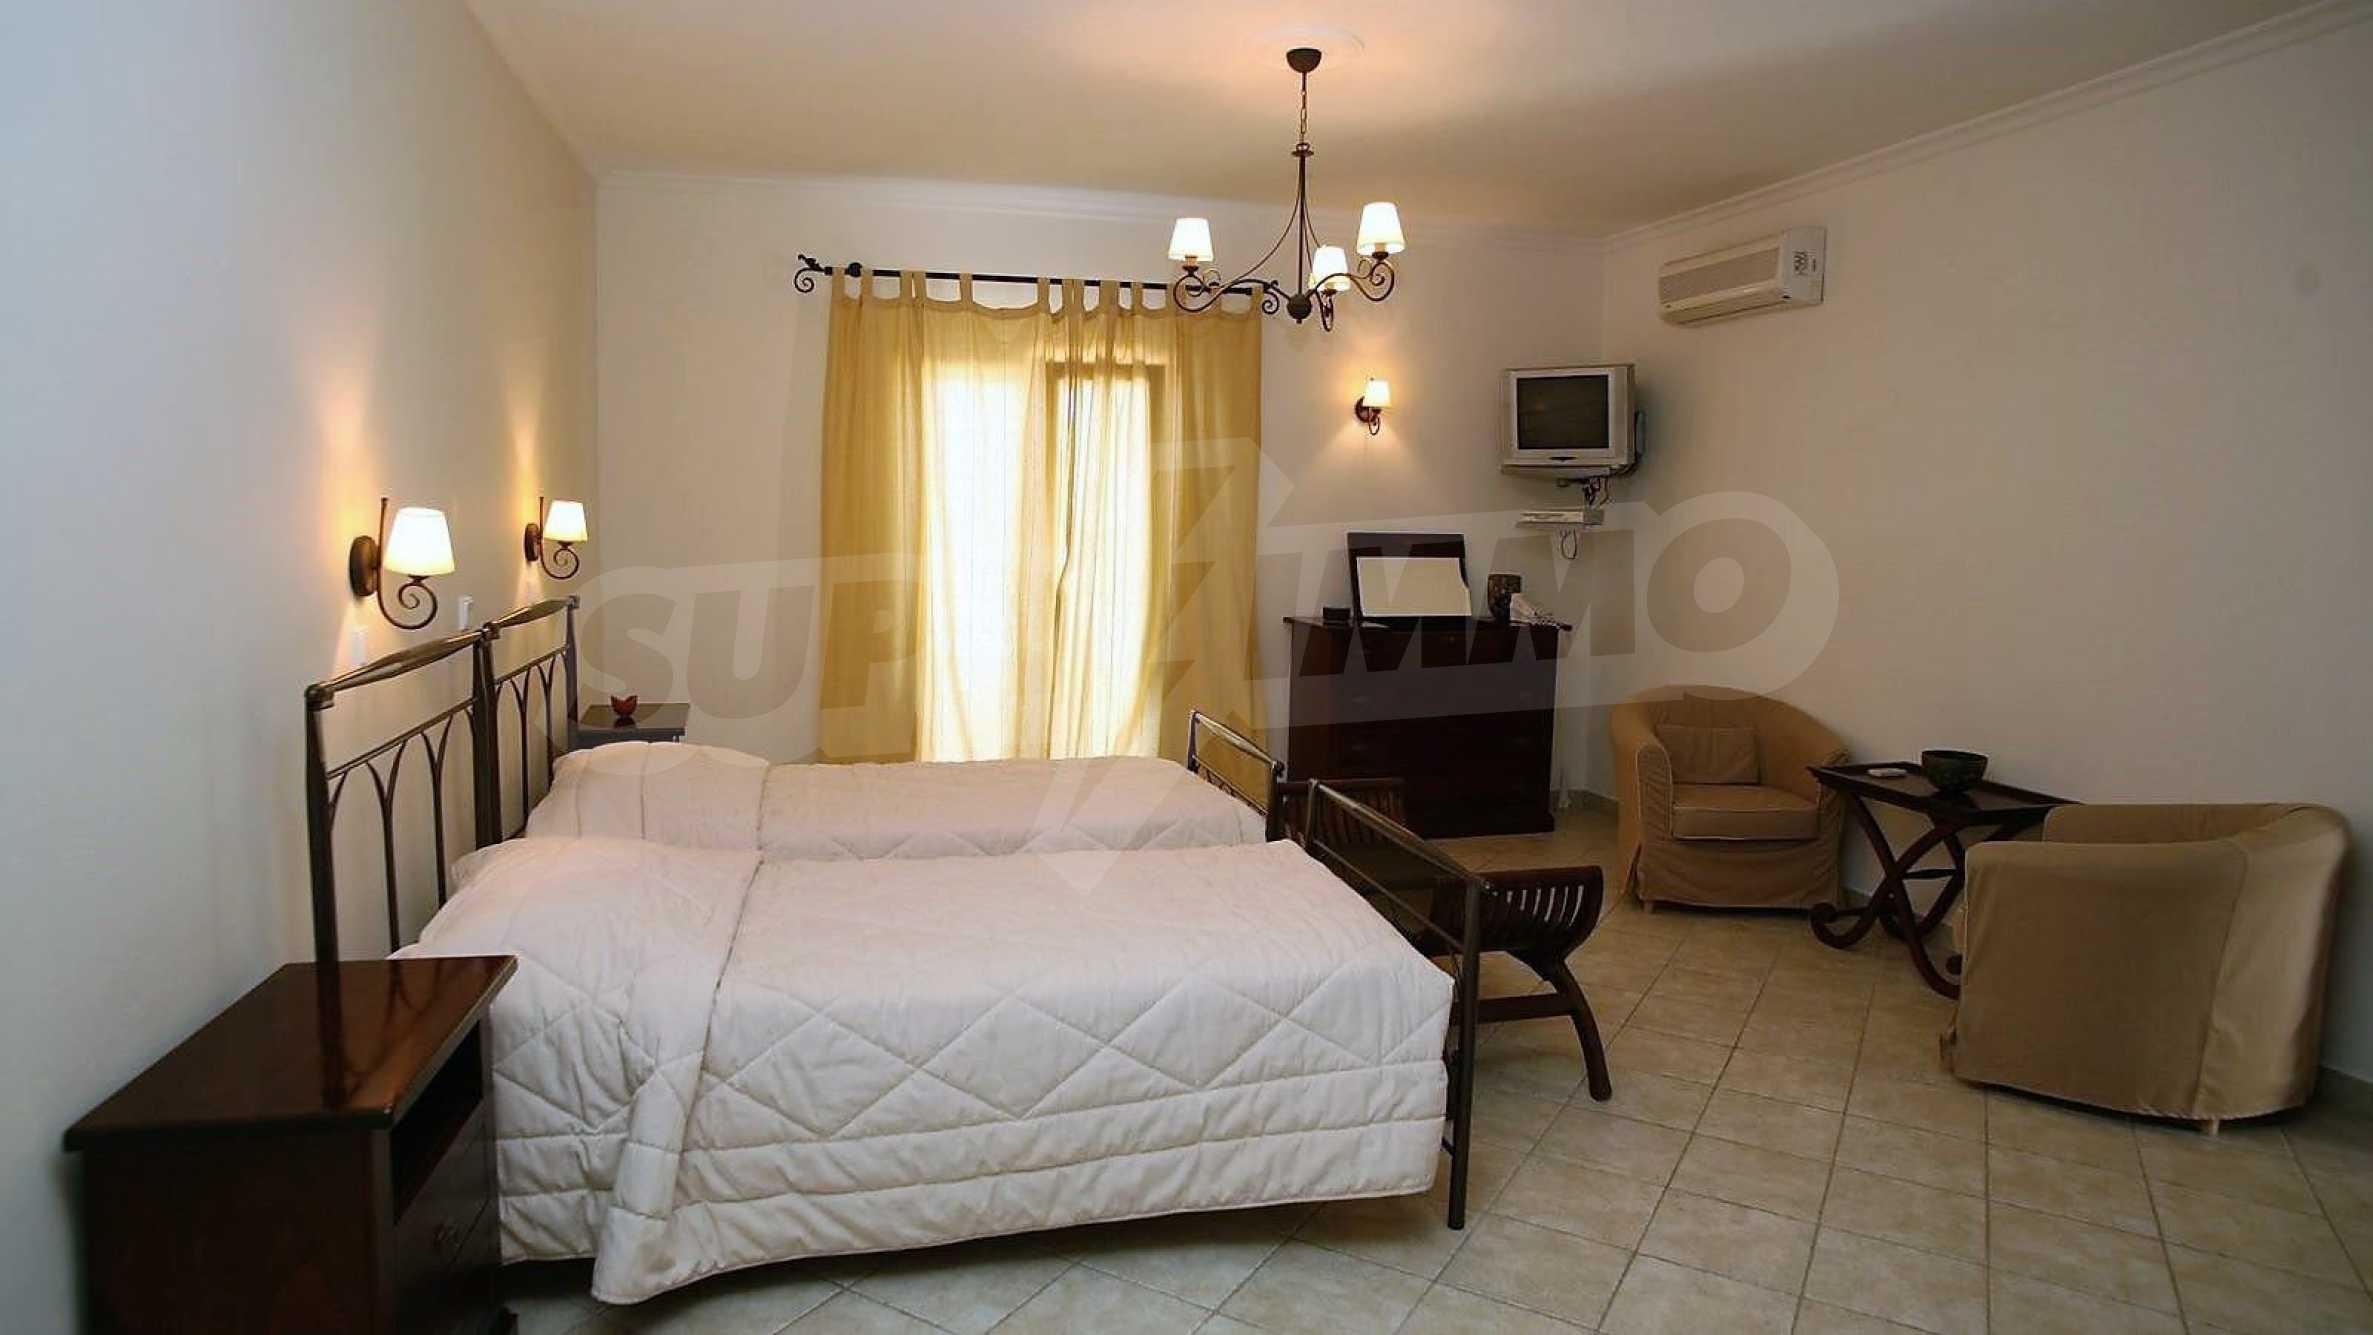 Превъзходна резиденция с достъп до девствен залив, остров Корфу 9